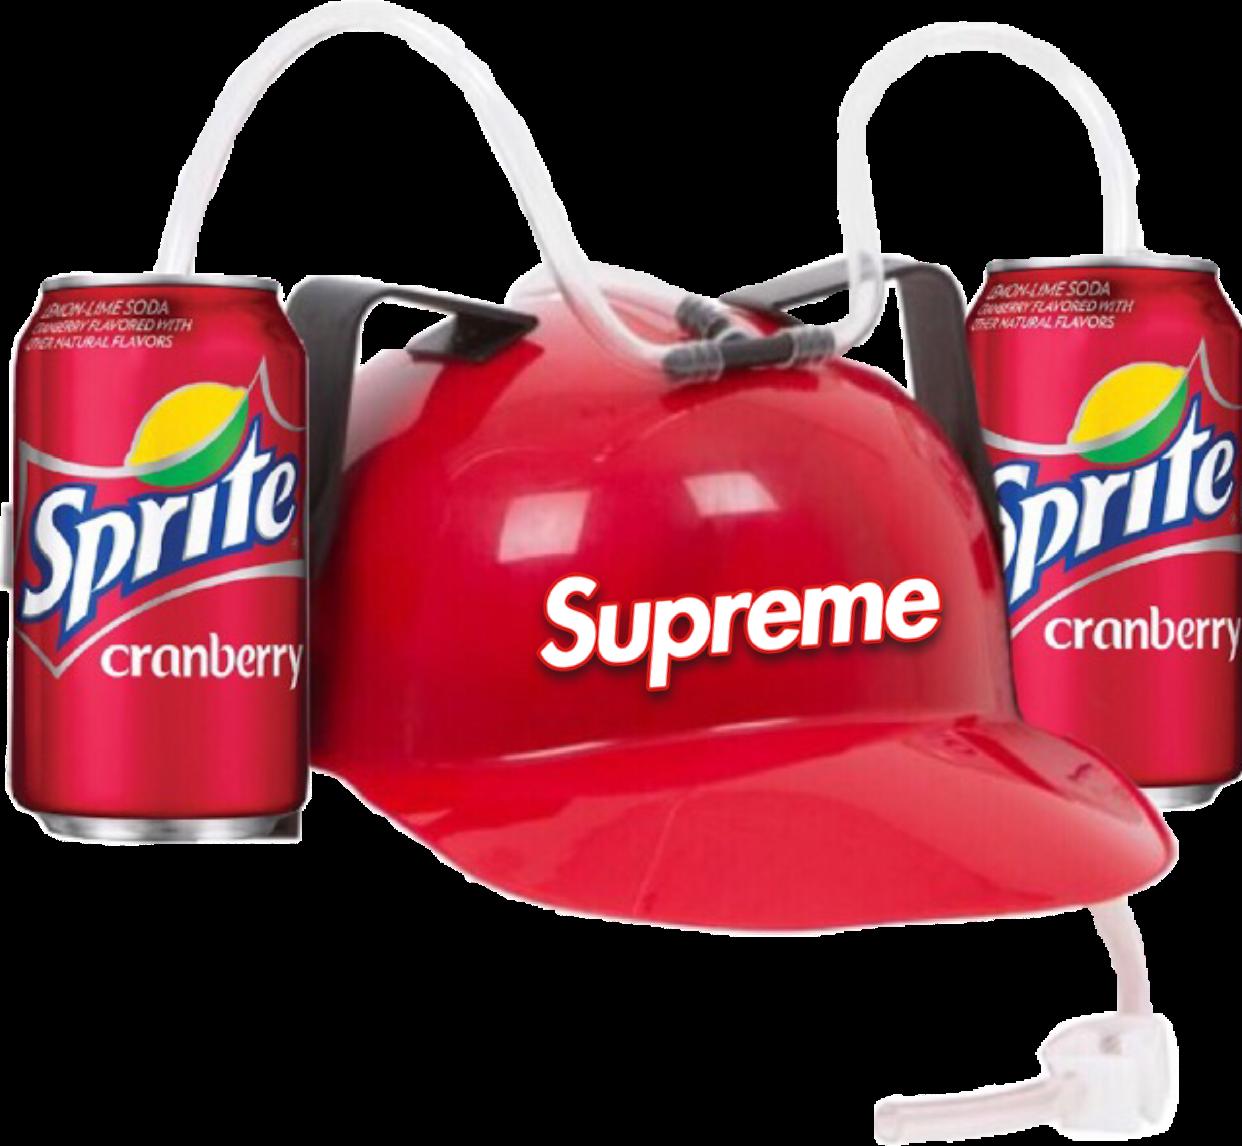 Wanna S U P R E M E Spront Cranberry Sprite Cranberry Spritecranberry Meme Subscribe To Shibemaster Freetoedit Cranberry Sprite Flavors